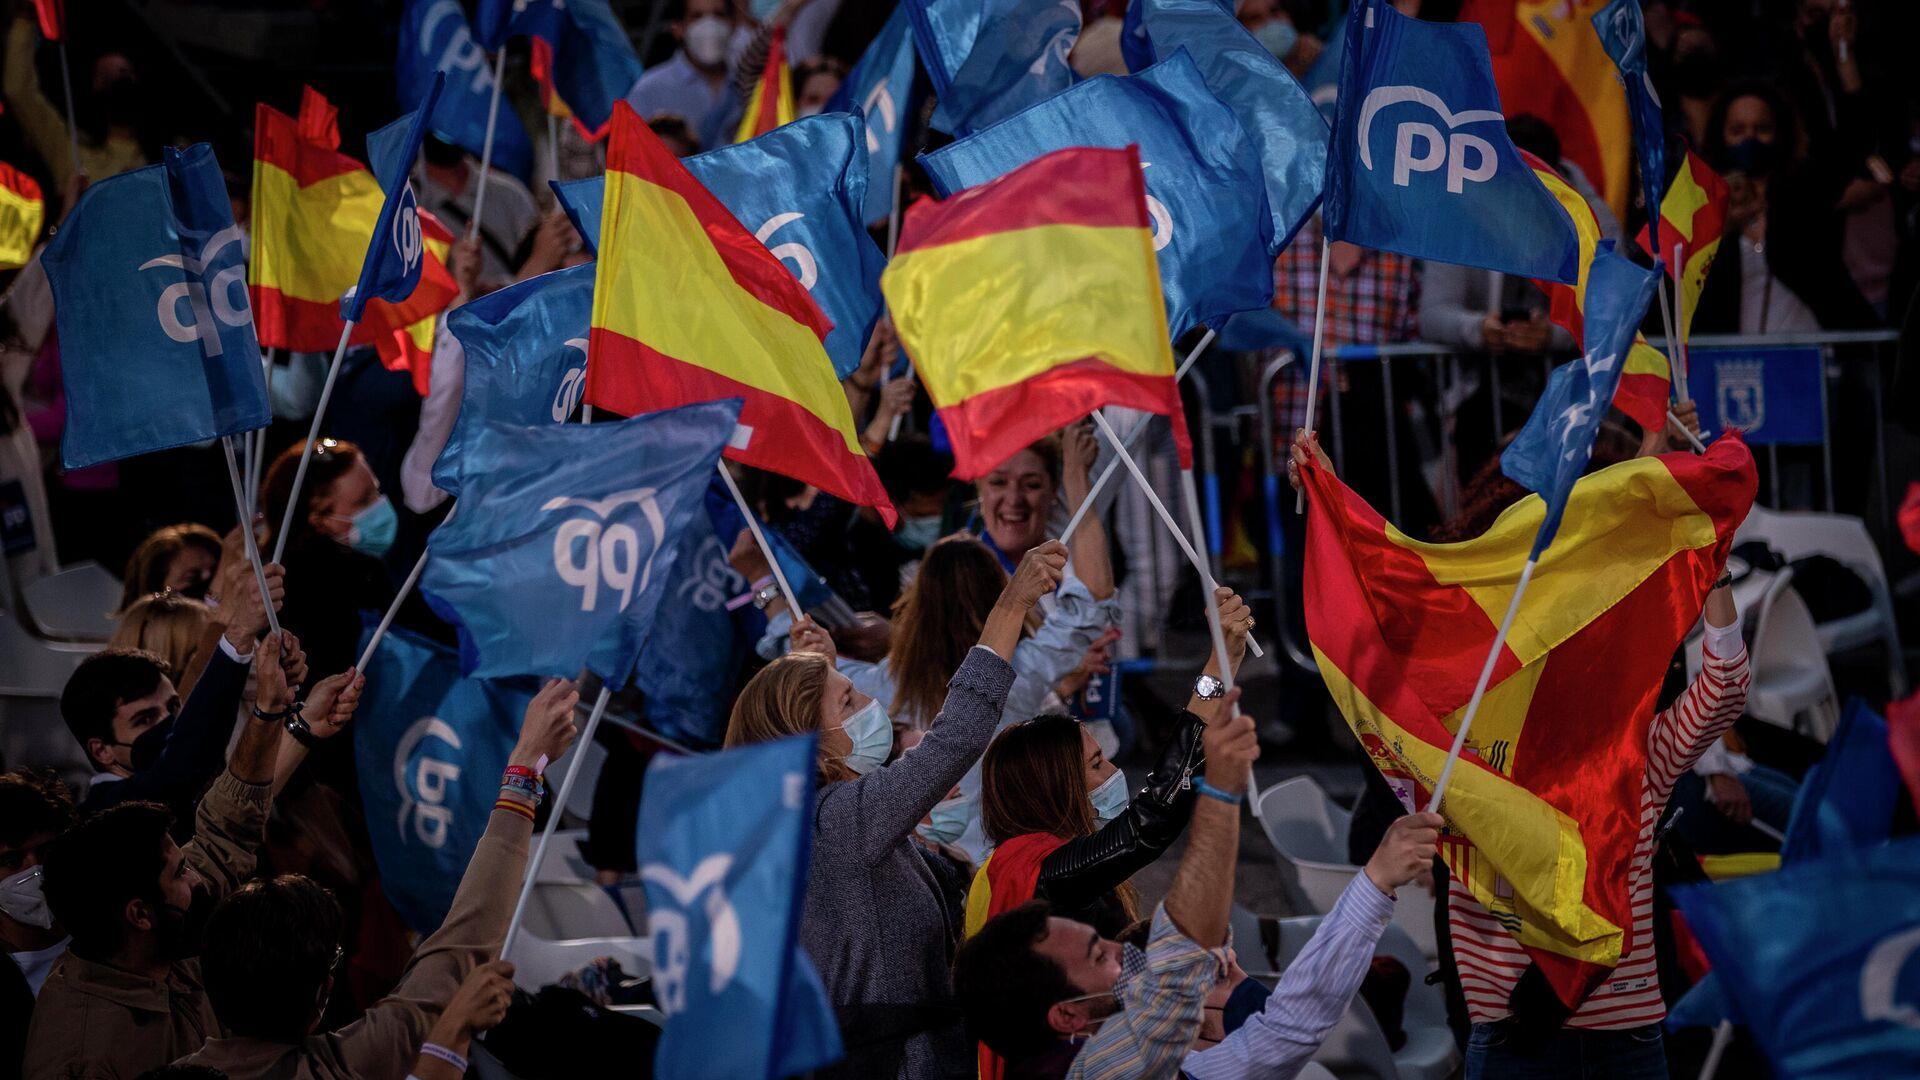 Los partidarios del Partido Popular español - Sputnik Mundo, 1920, 01.10.2021